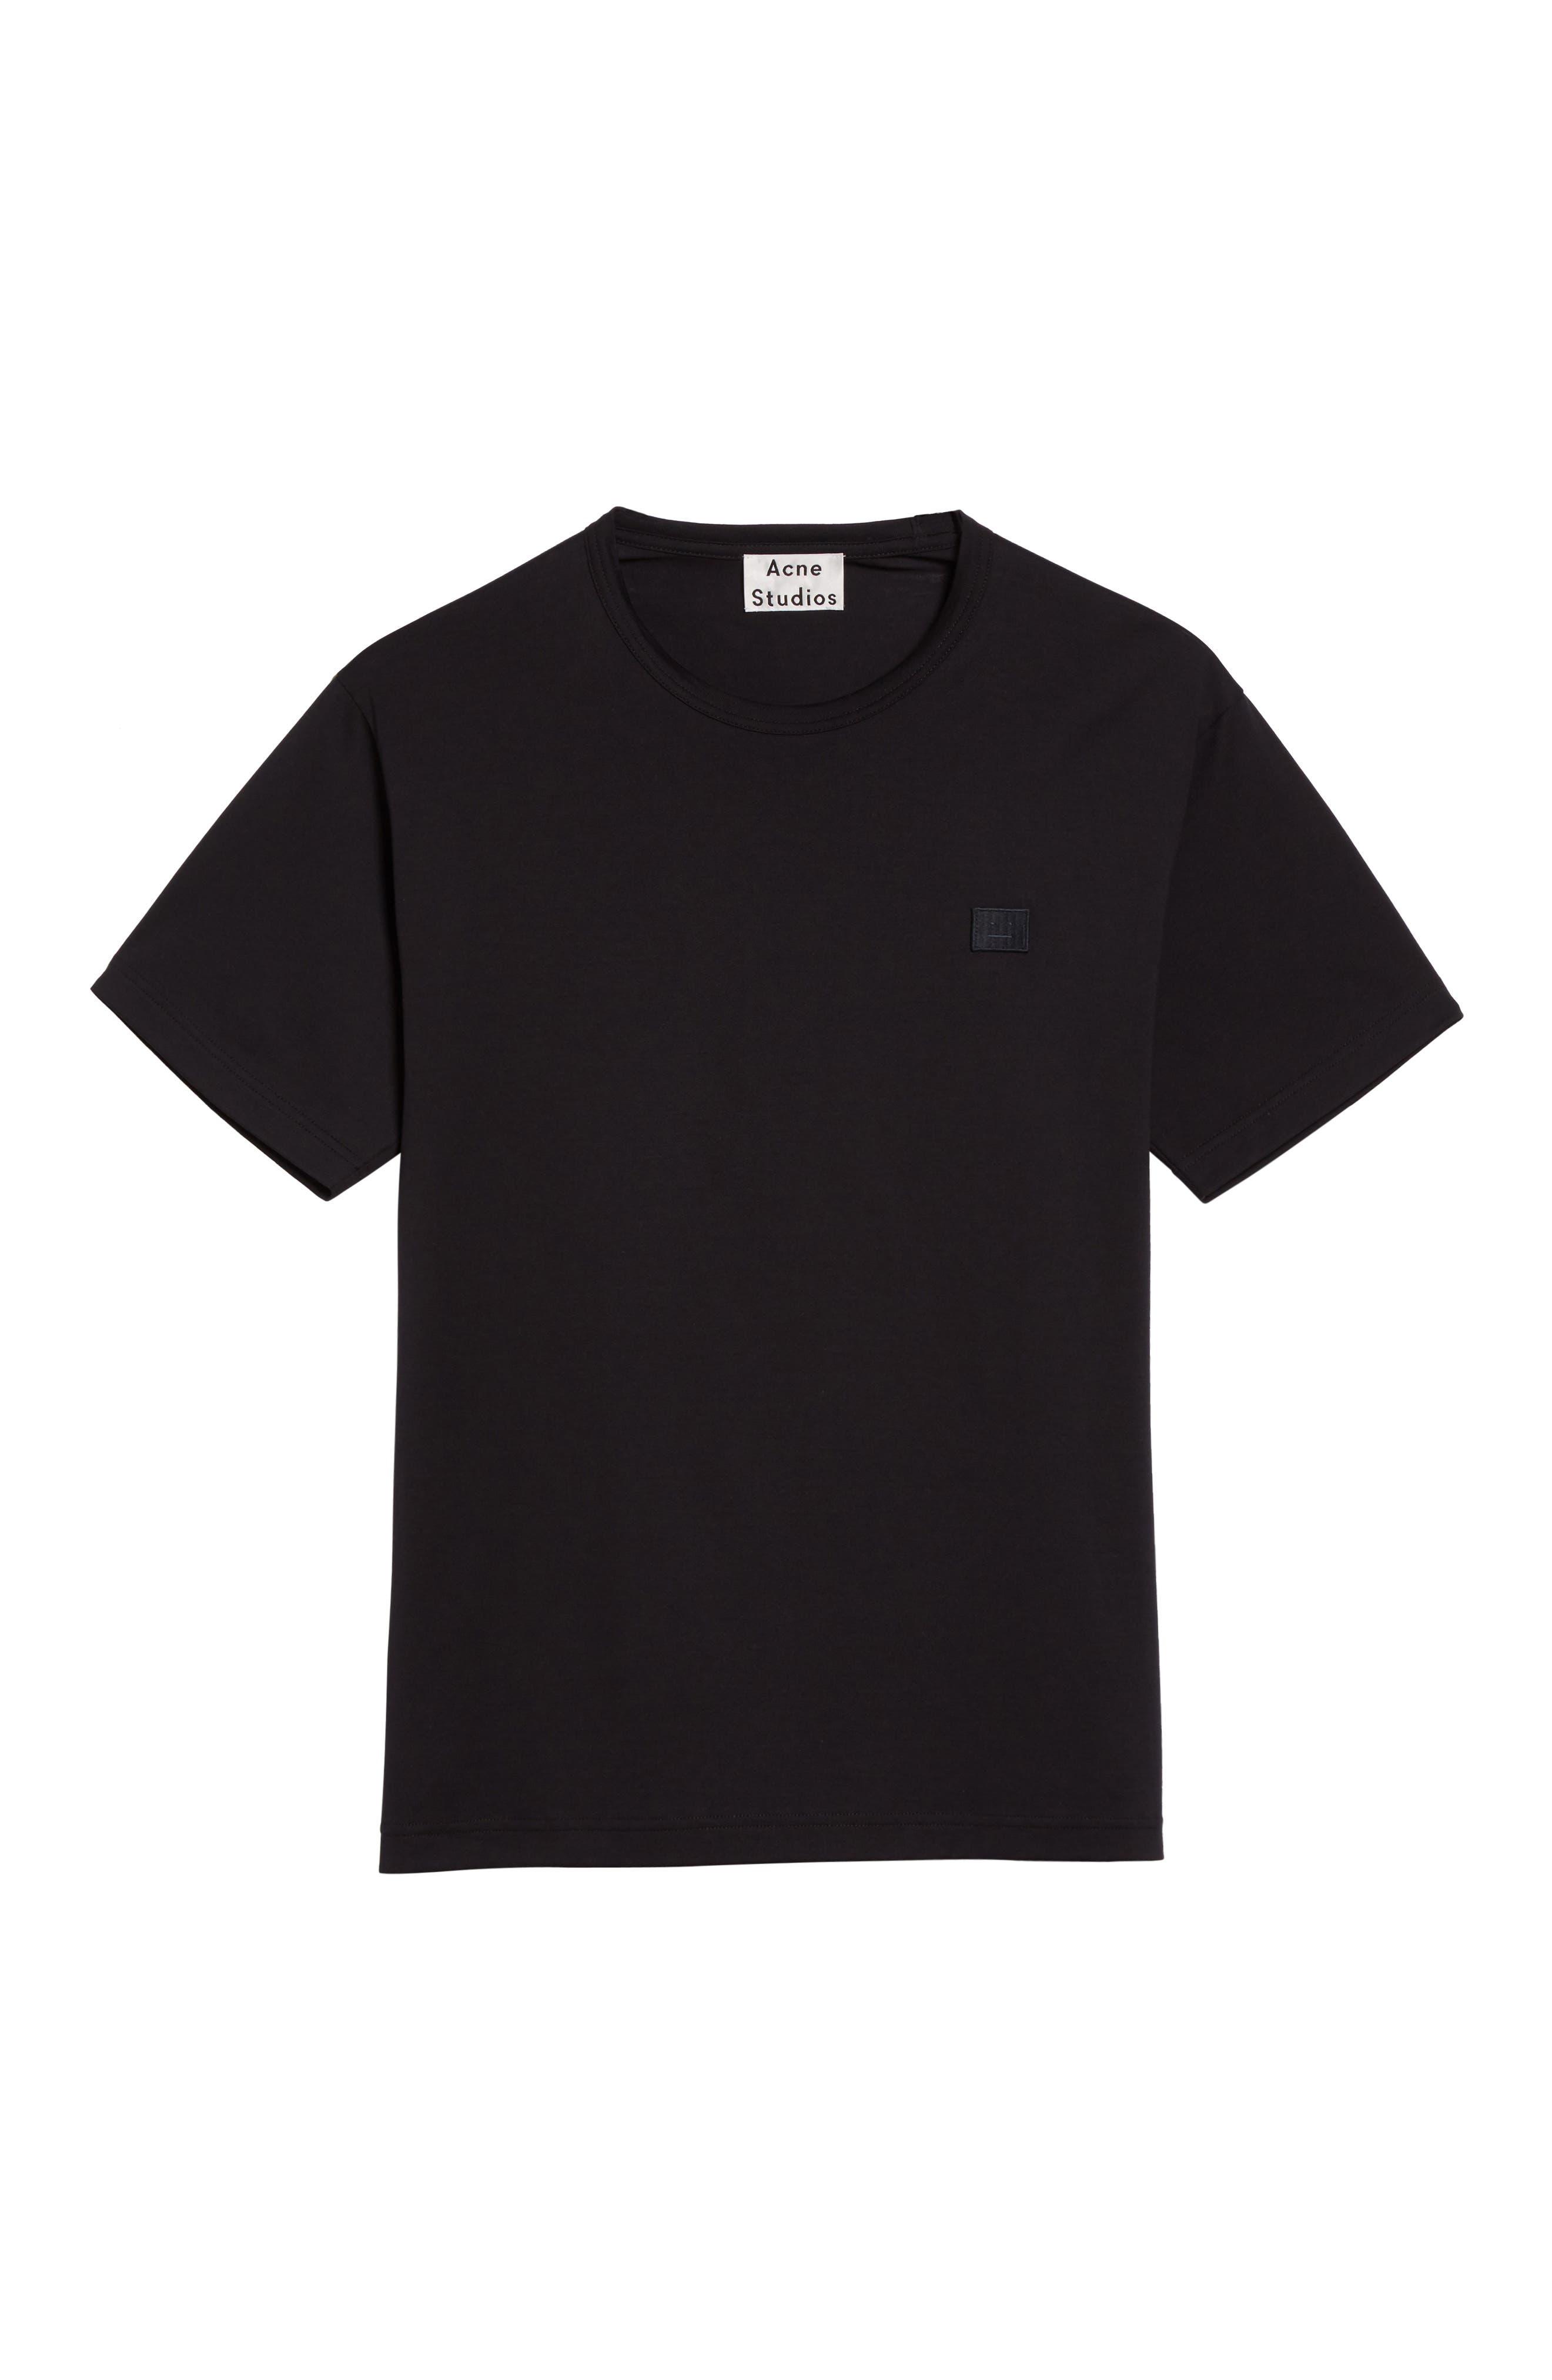 Nash Face T-Shirt,                             Alternate thumbnail 6, color,                             Black